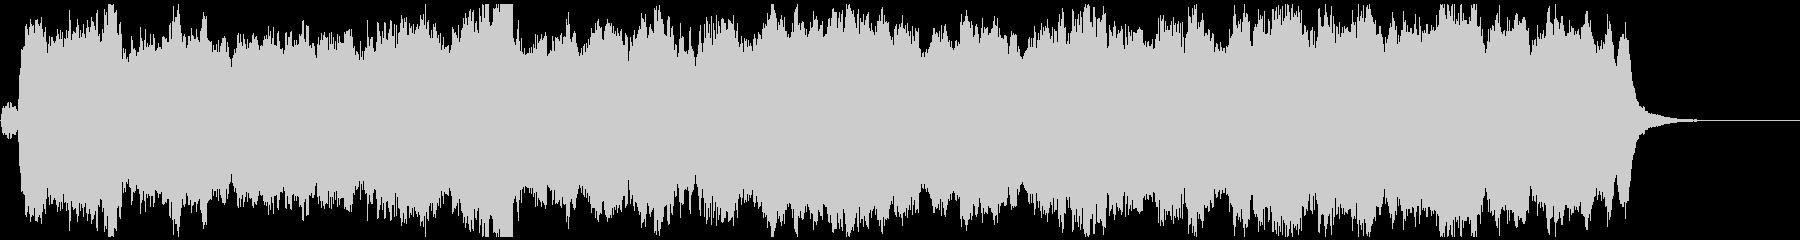 アメイジング・グレイスをオルガンソロでの未再生の波形